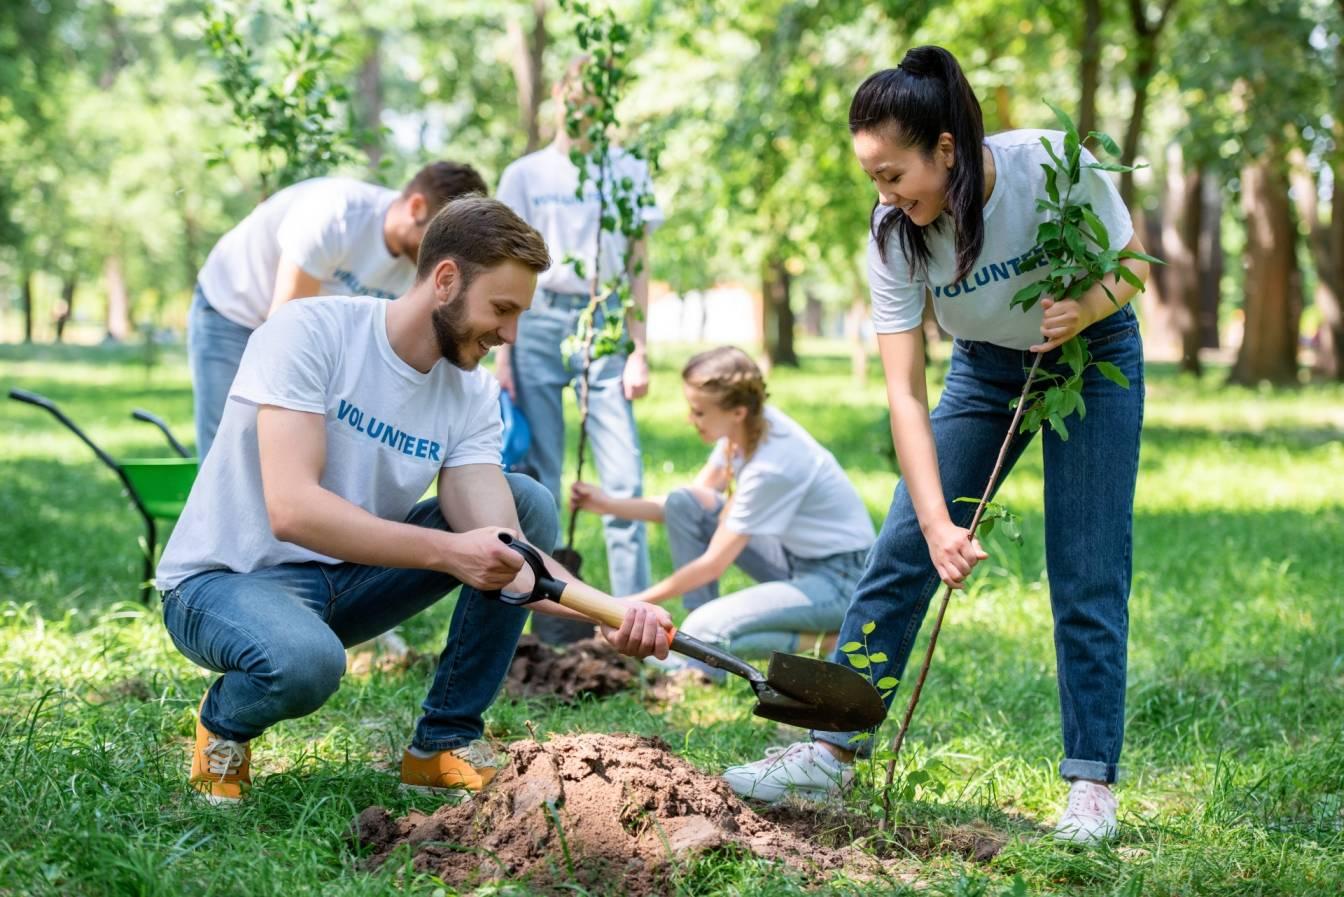 Fundacja Las na Zawsze sadzi drzewa w całej Polsce i tworzy lasy służące naturze, a nie gospodarce. Grupa przyjaciół sadzi drzewa w parku.